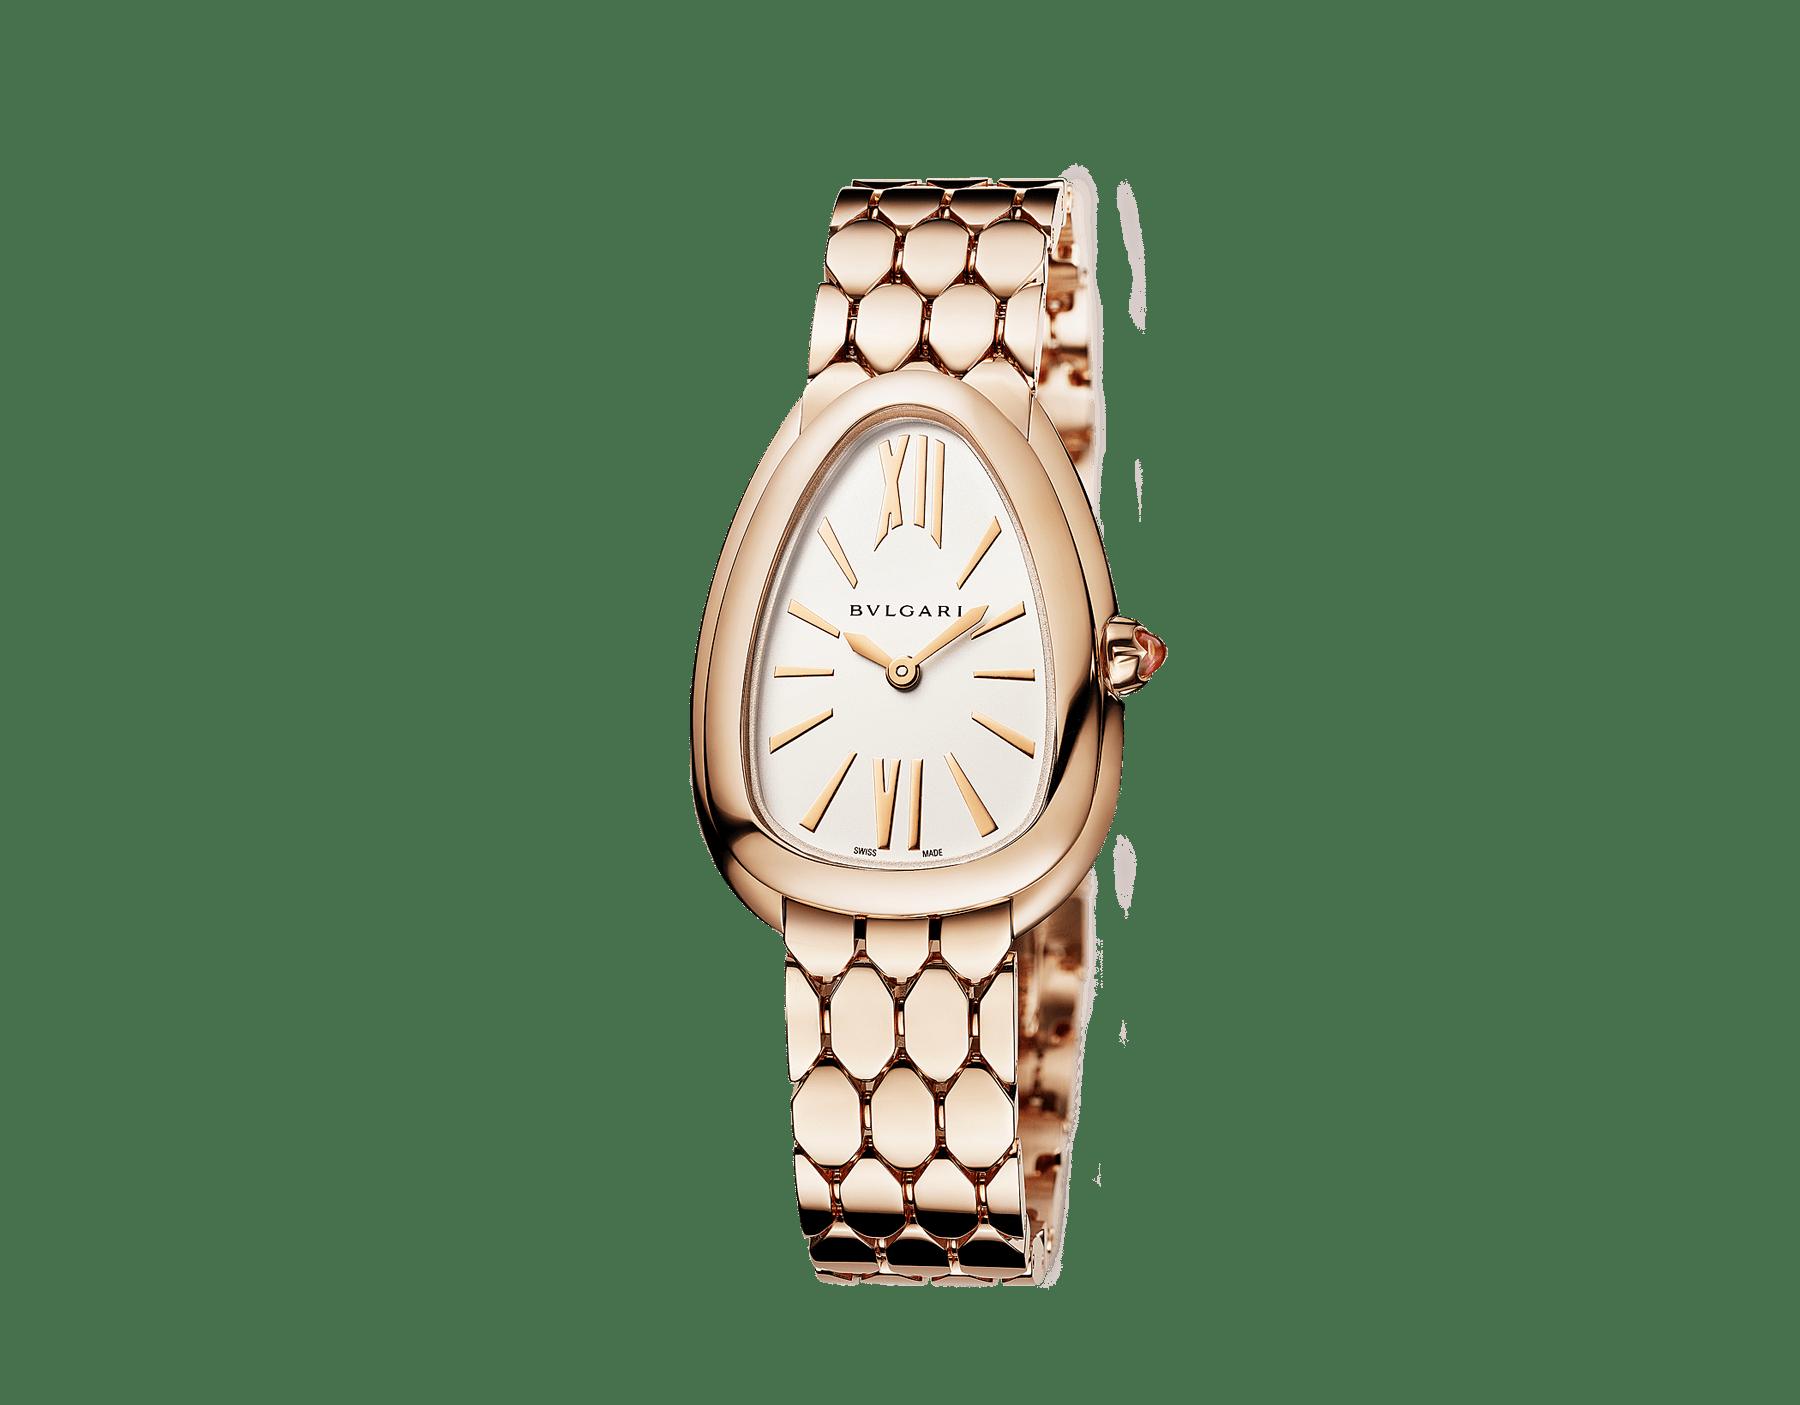 Orologio Serpenti Seduttori con cassa e bracciale in oro rosa 18 kt e quadrante opalino argento. 103145 image 2